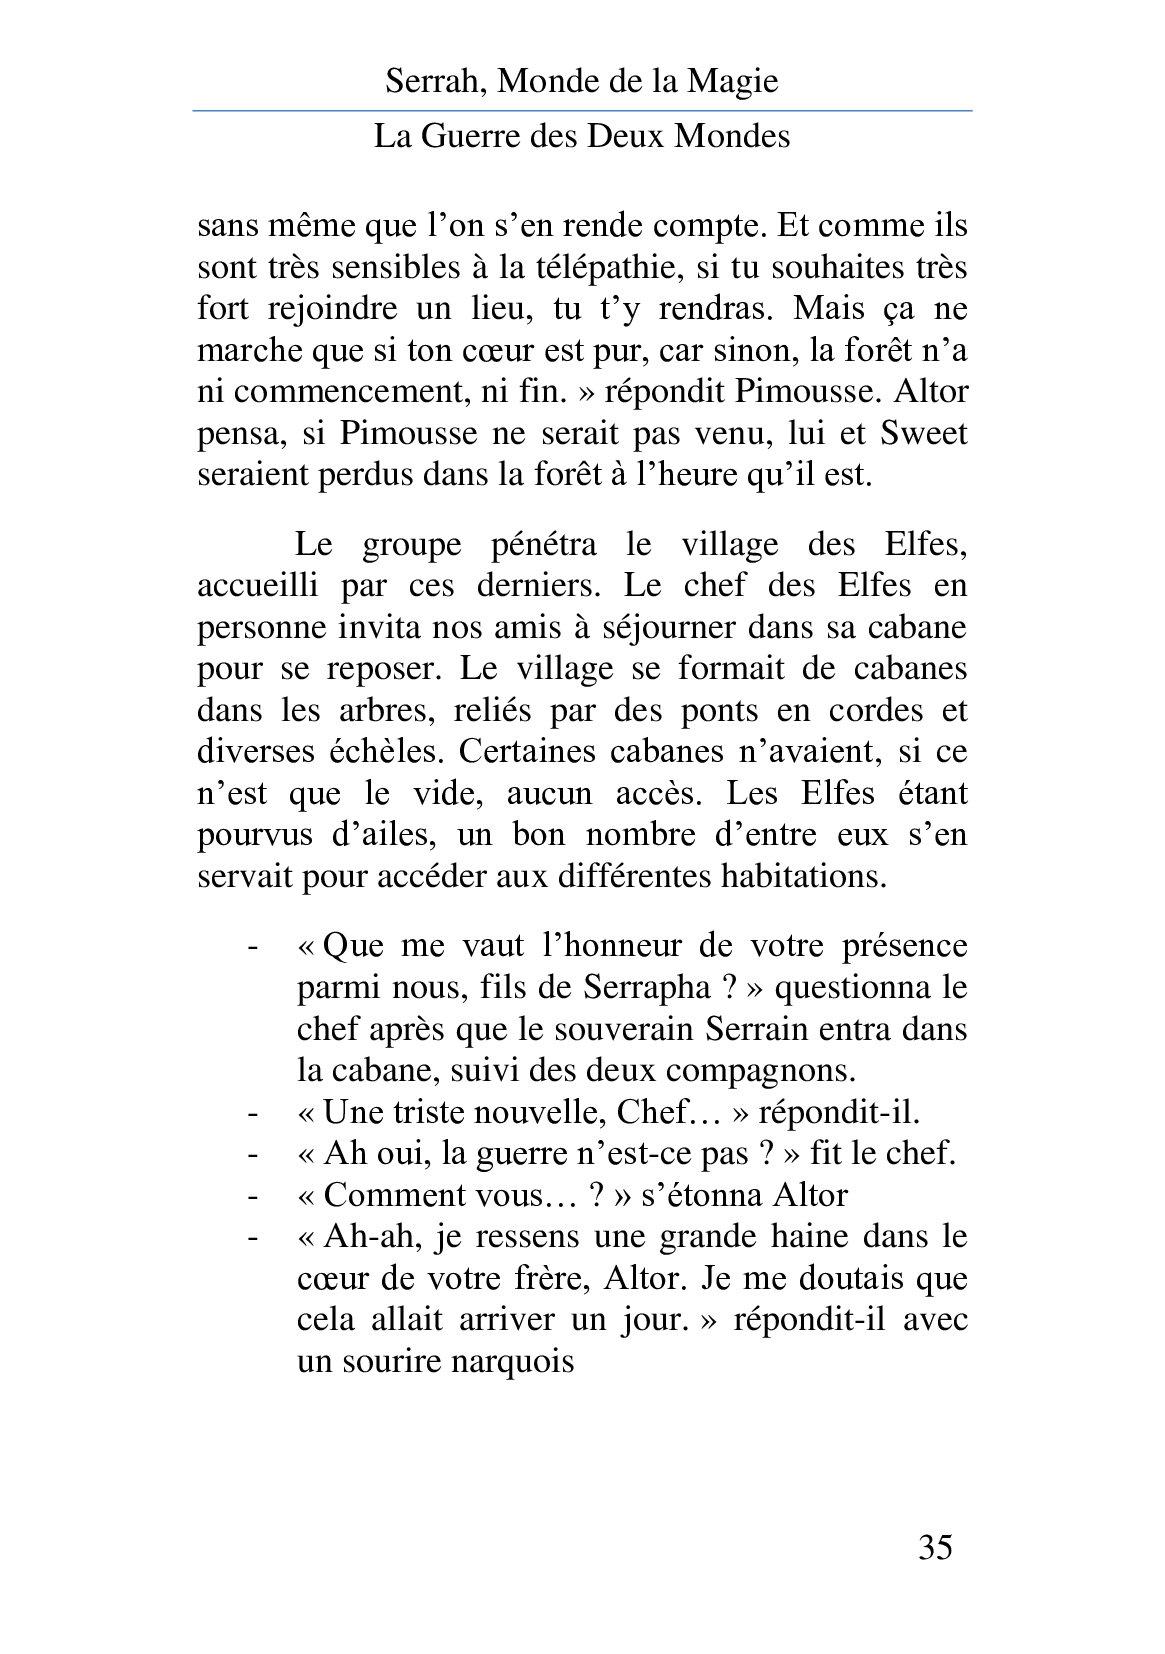 Chapitre 7 - Appel aux Renforts 200428084130209085